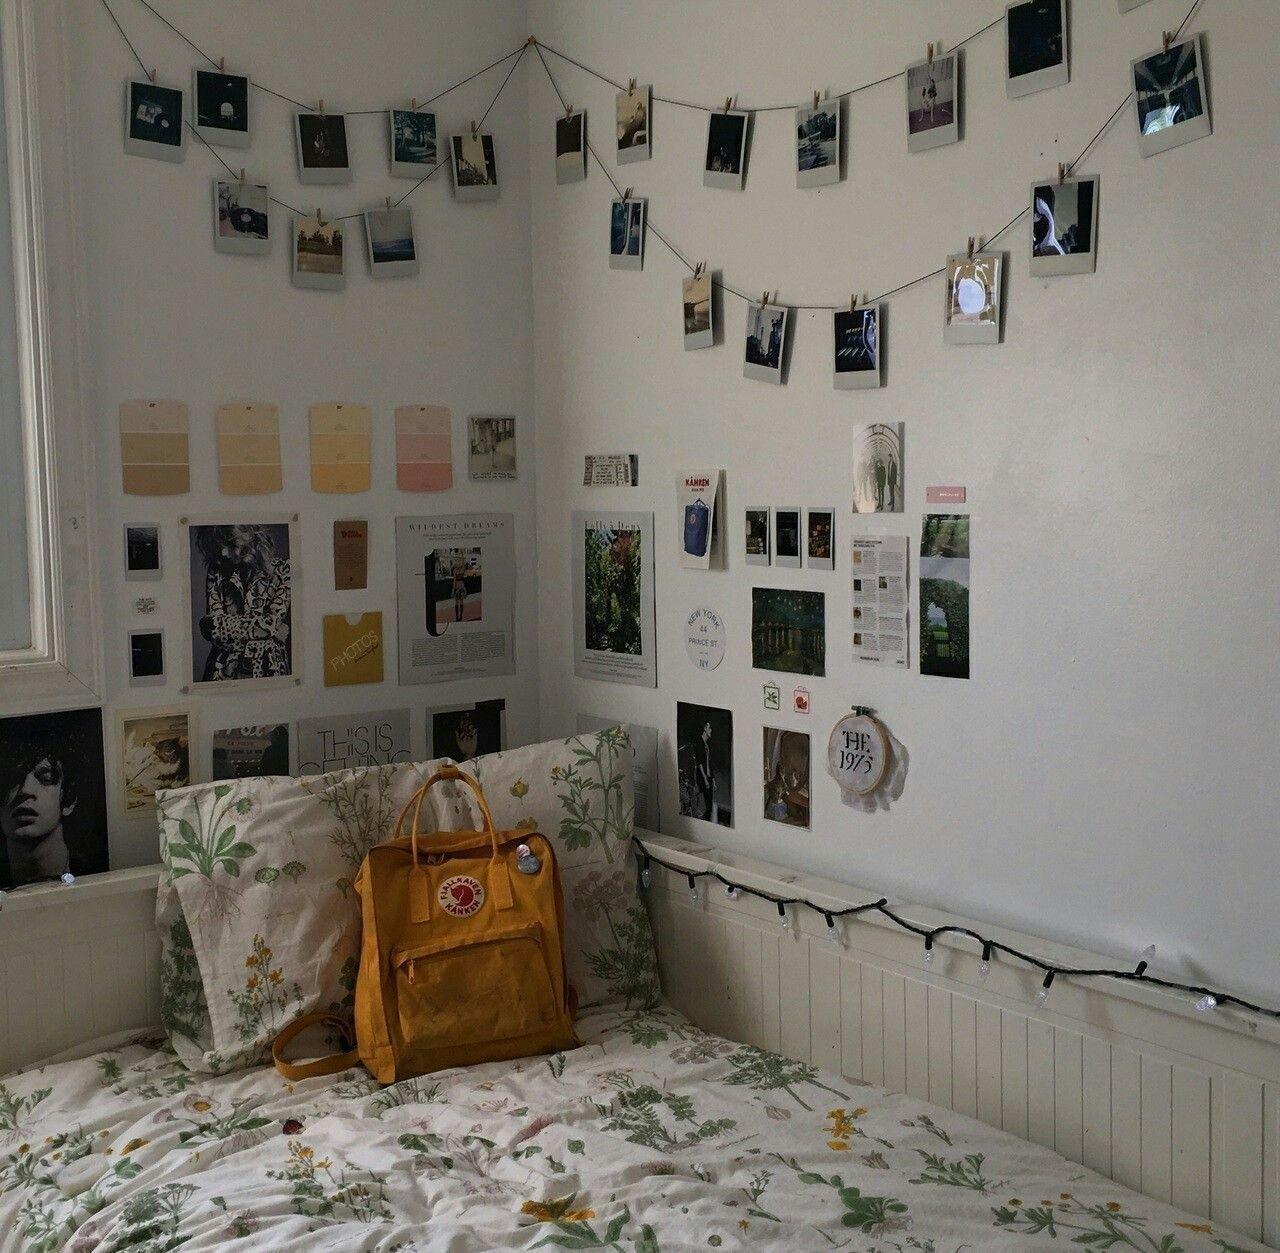 Teen Bedroom Wall Decor Luxury Teen Bedroom Ideas ☆ Room Decor ☆ In 2019